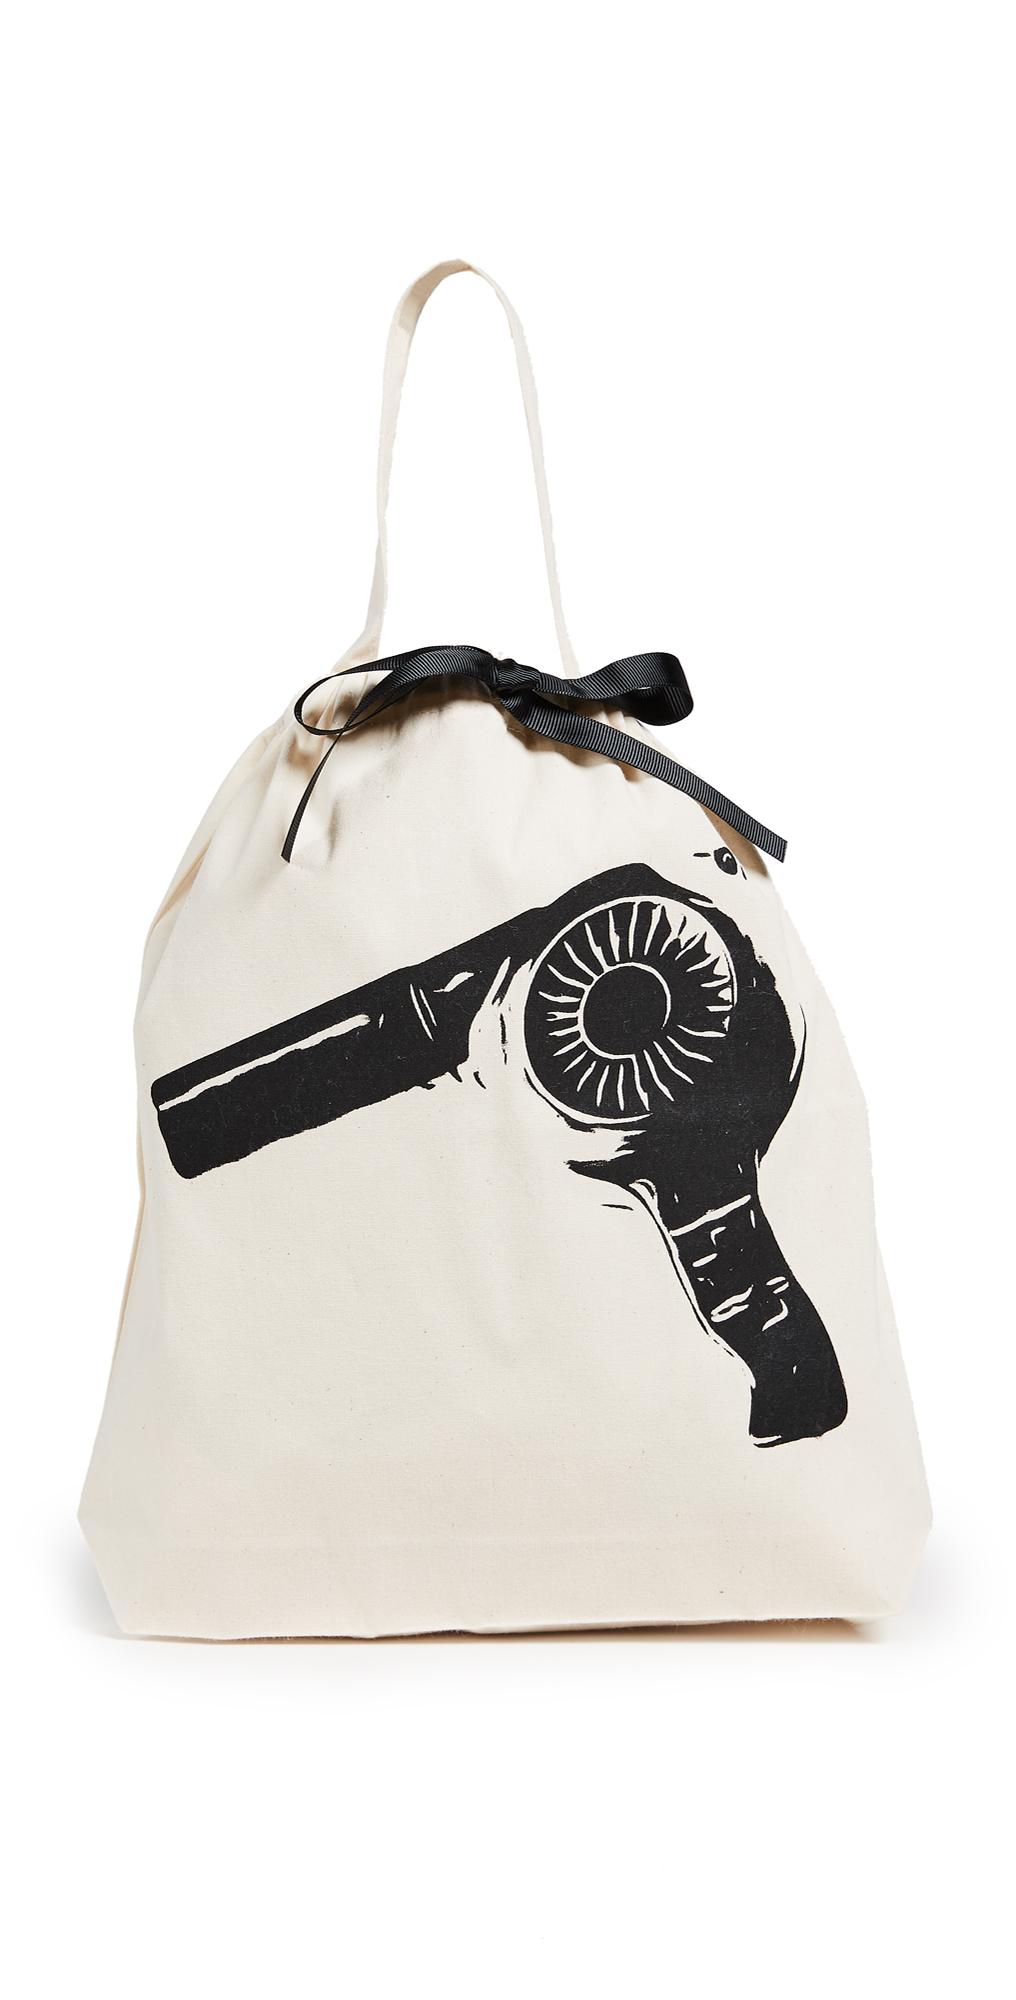 Hairdryer Organizing Bag